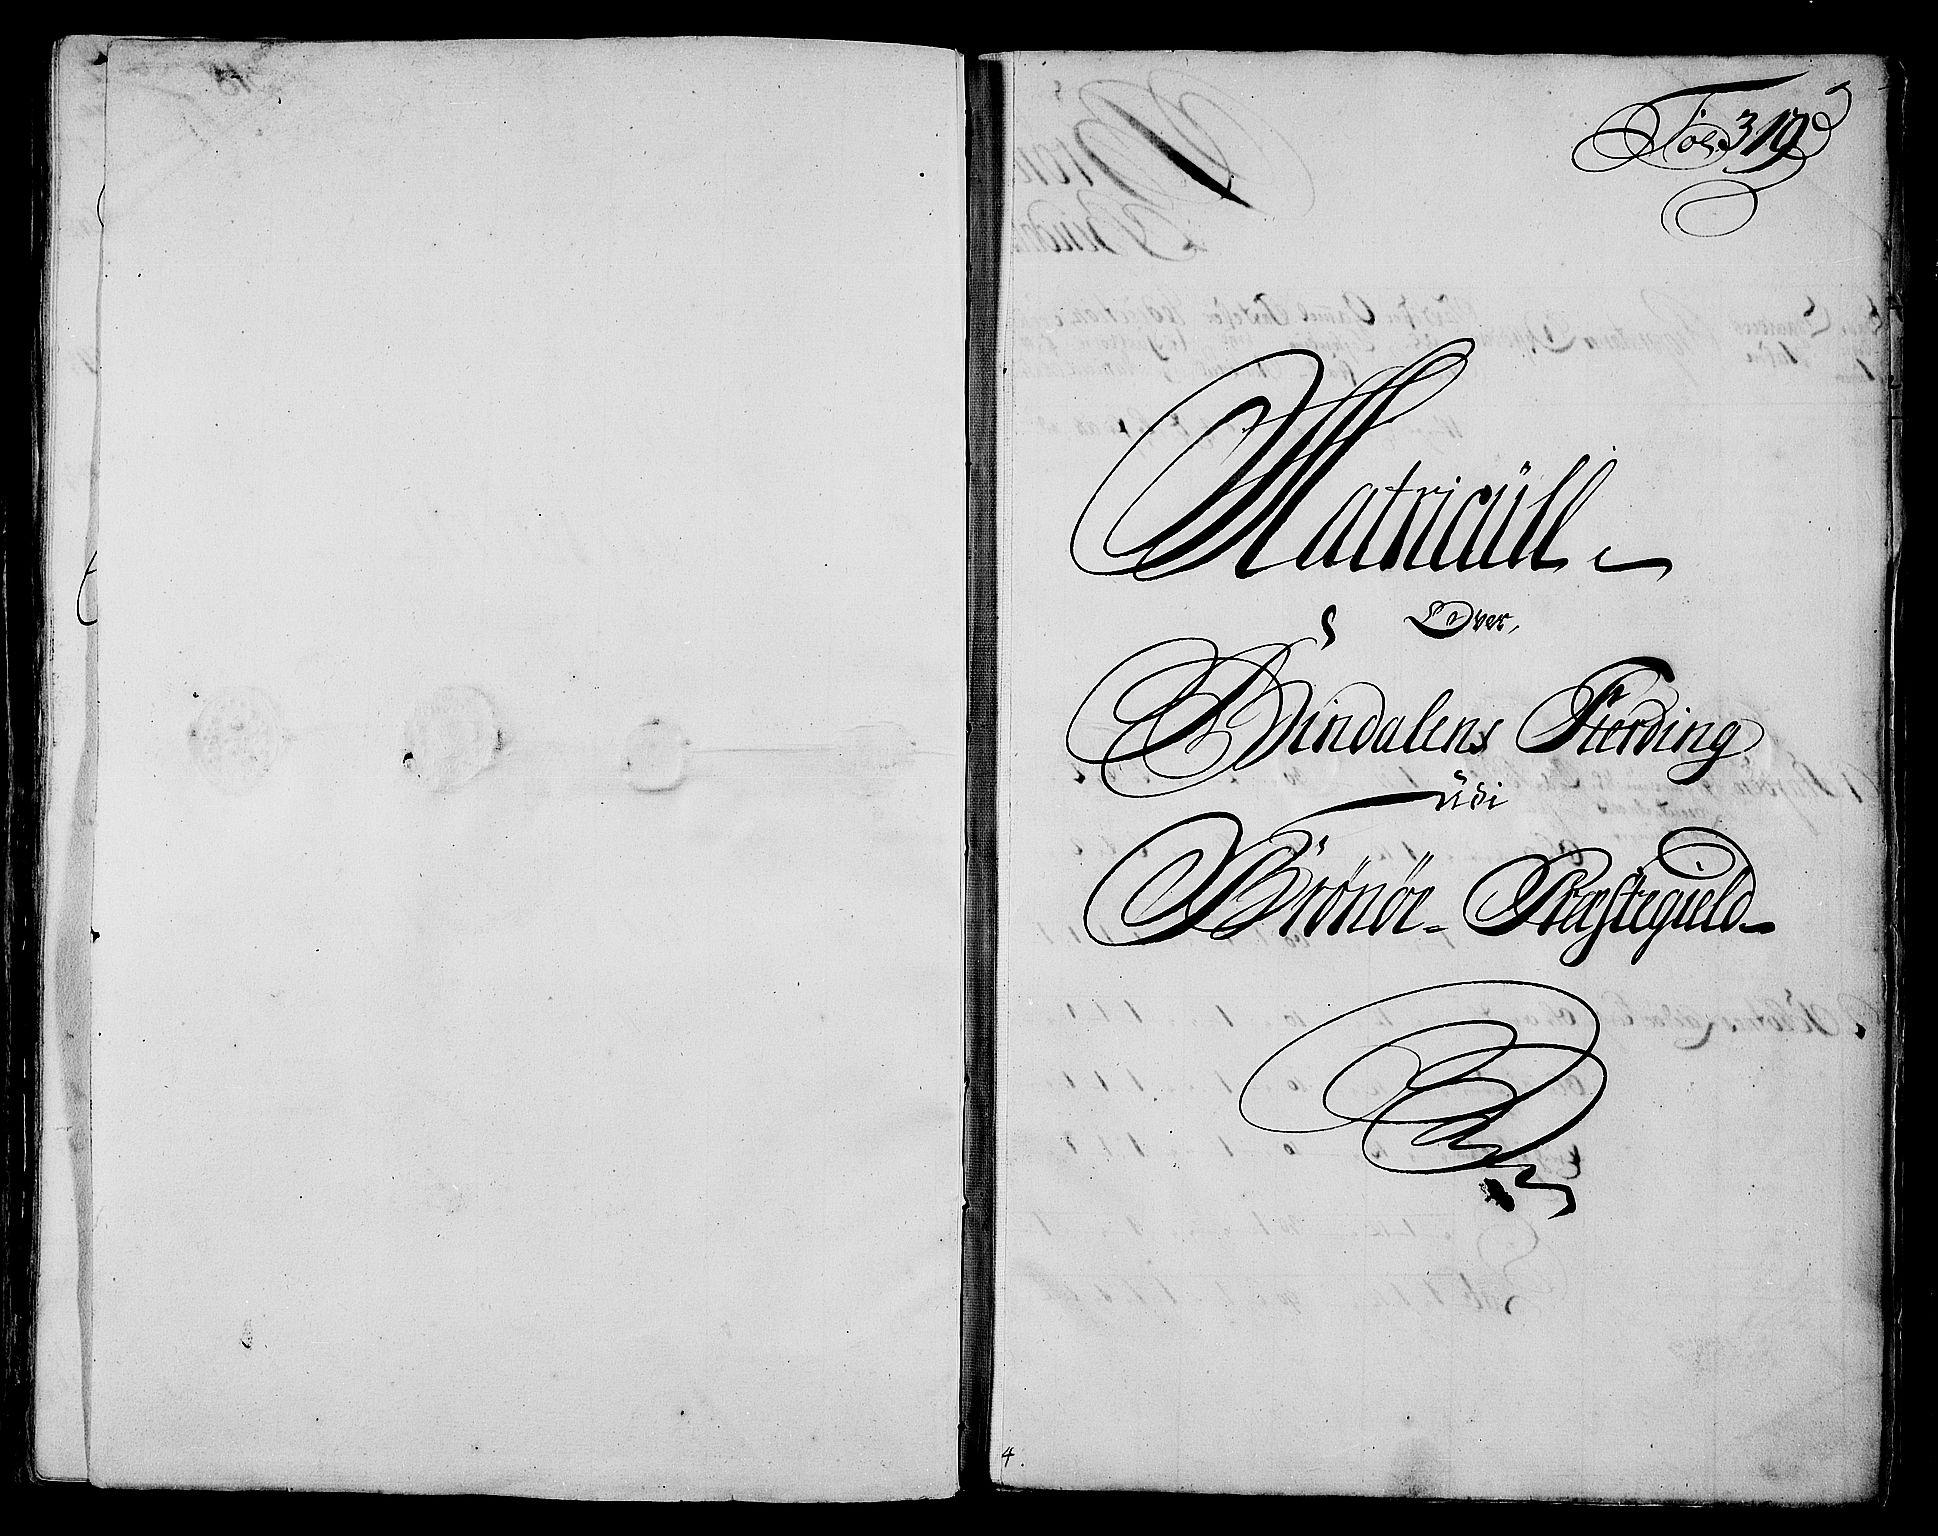 RA, Rentekammeret inntil 1814, Realistisk ordnet avdeling, N/Nb/Nbf/L0171: Helgeland matrikkelprotokoll, 1723, s. 318b-319a